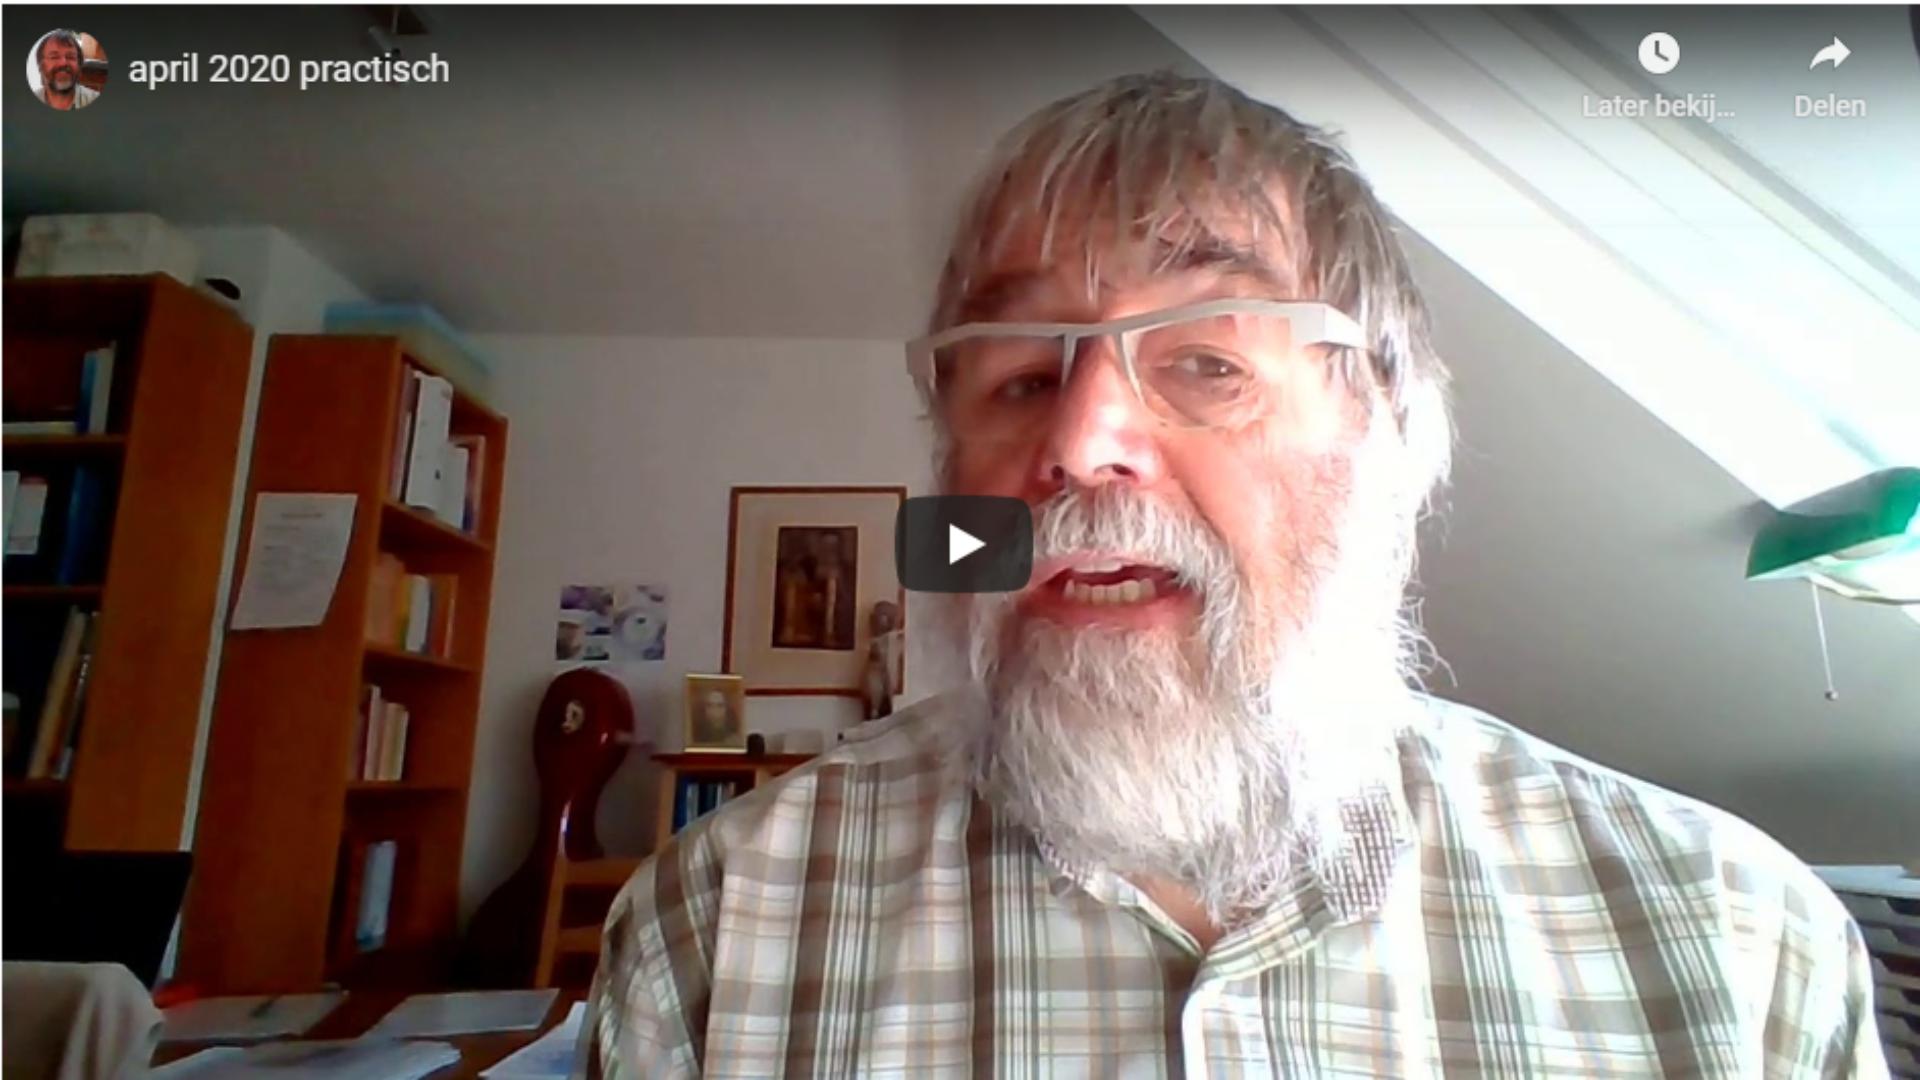 VIDEO: Een actuele astrologische schets over het coronavirus / update